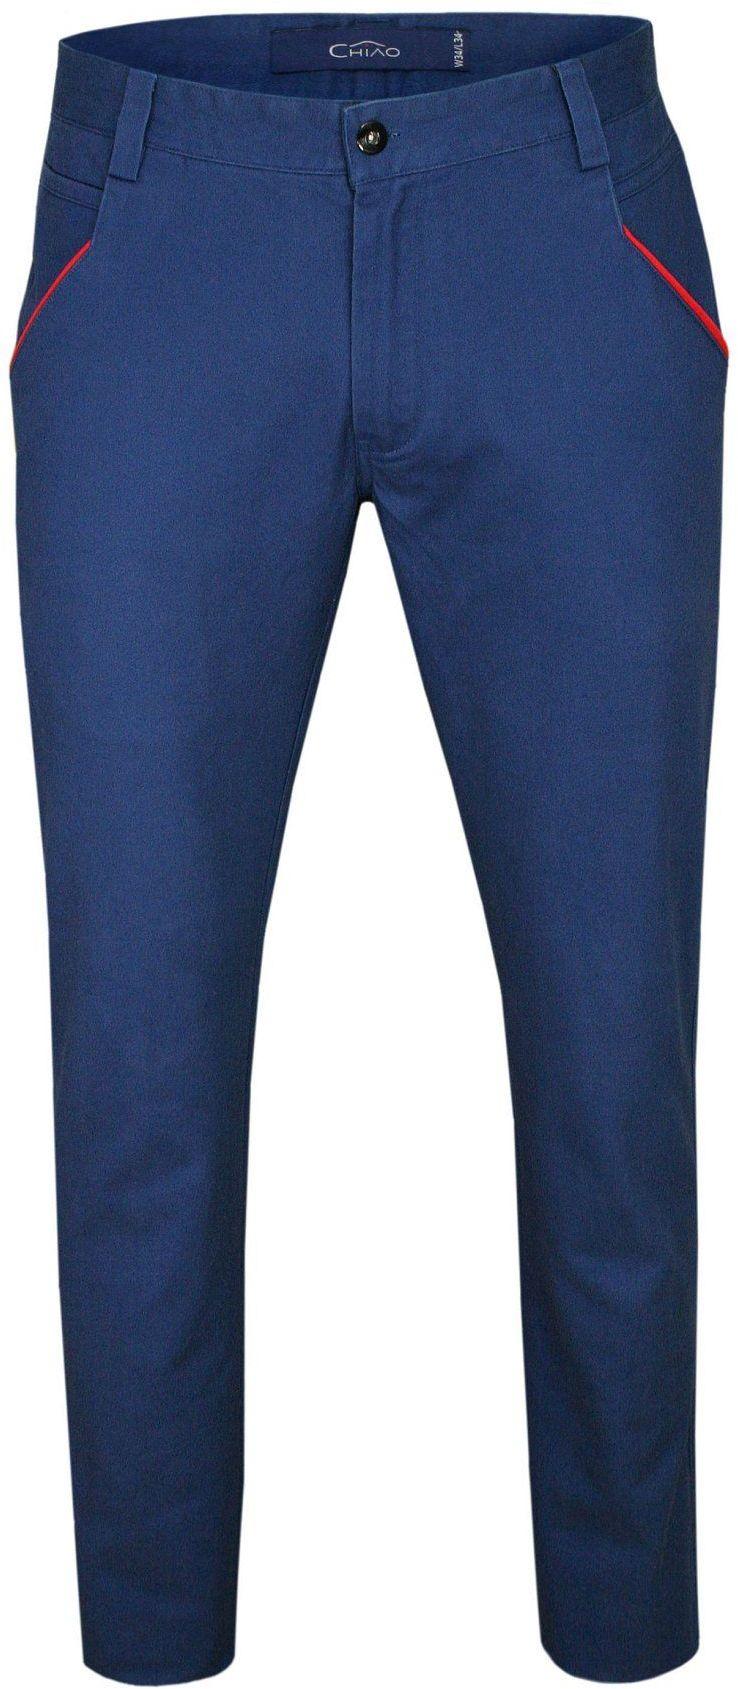 Chabrowe Bawełniane Spodnie Męskie, CHINOSY, Czerwone Wykończenia -CHIAO SPCHIAOM2A01chaber